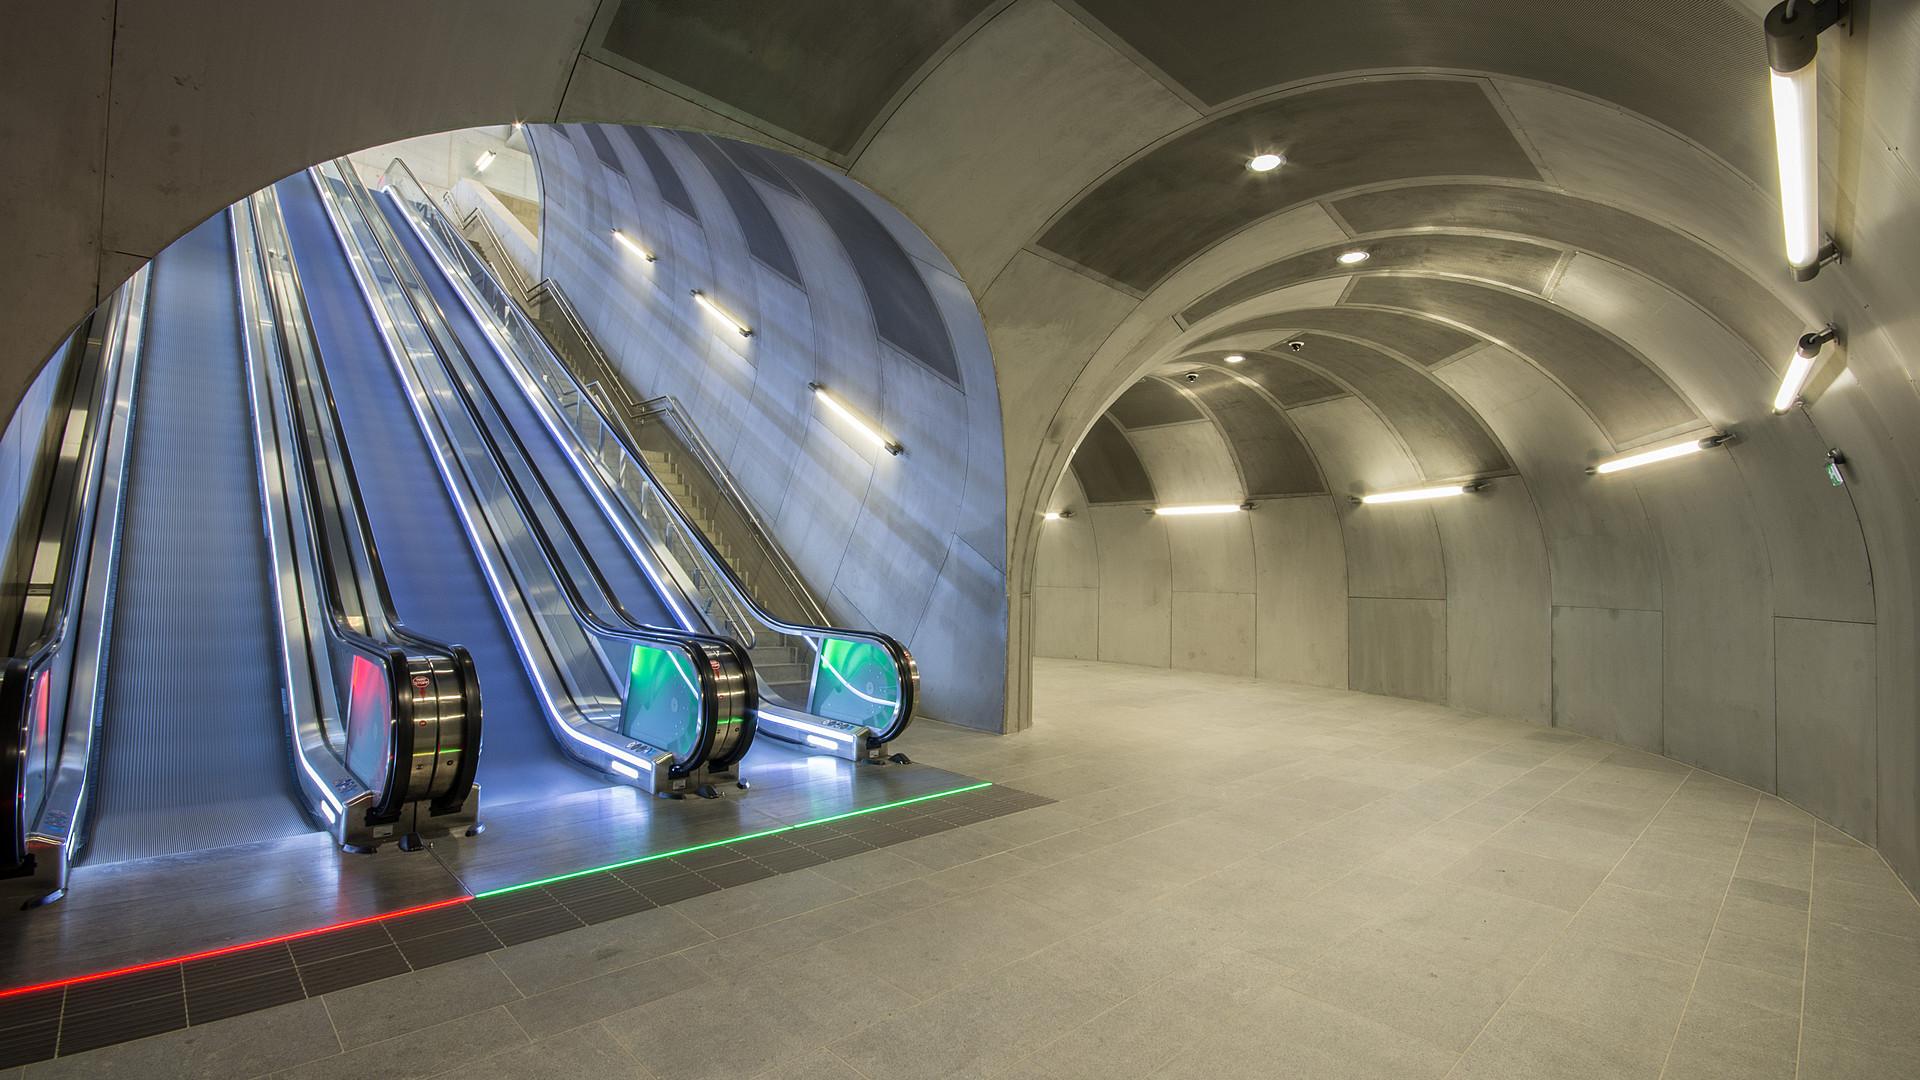 New metro lines